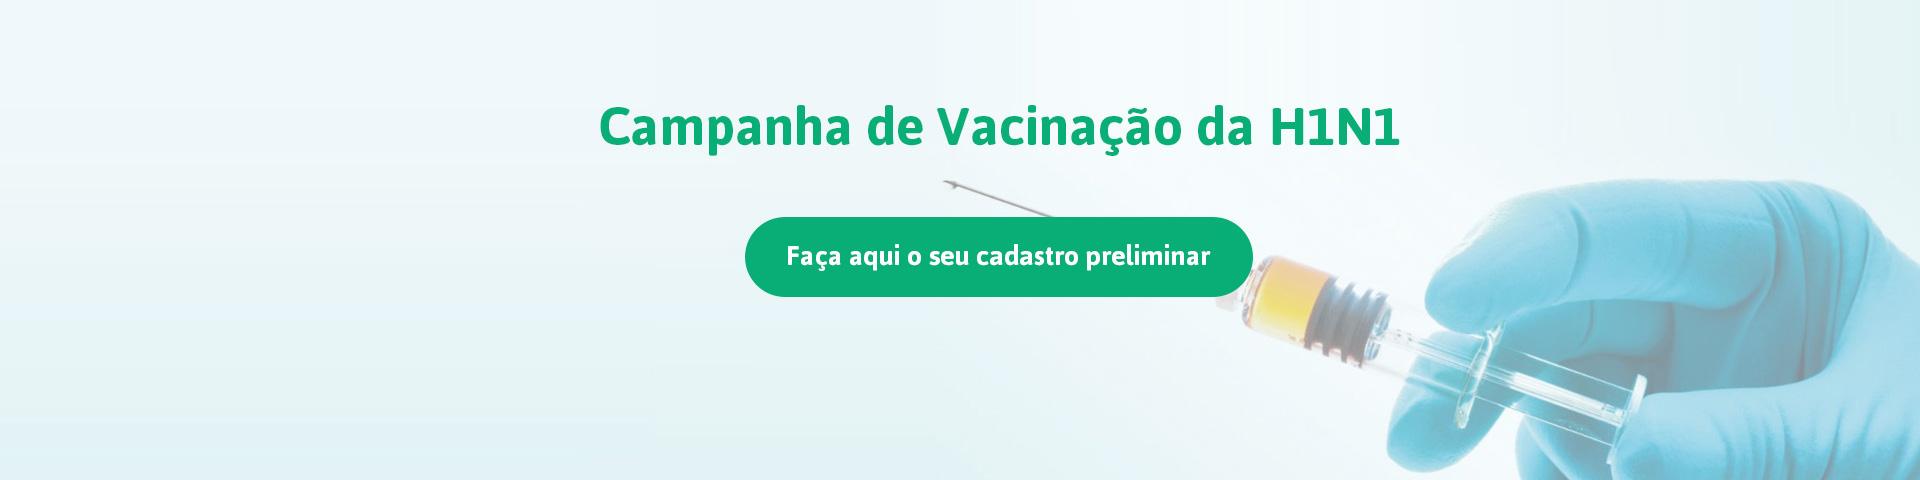 Campanha Vacinação H1N1